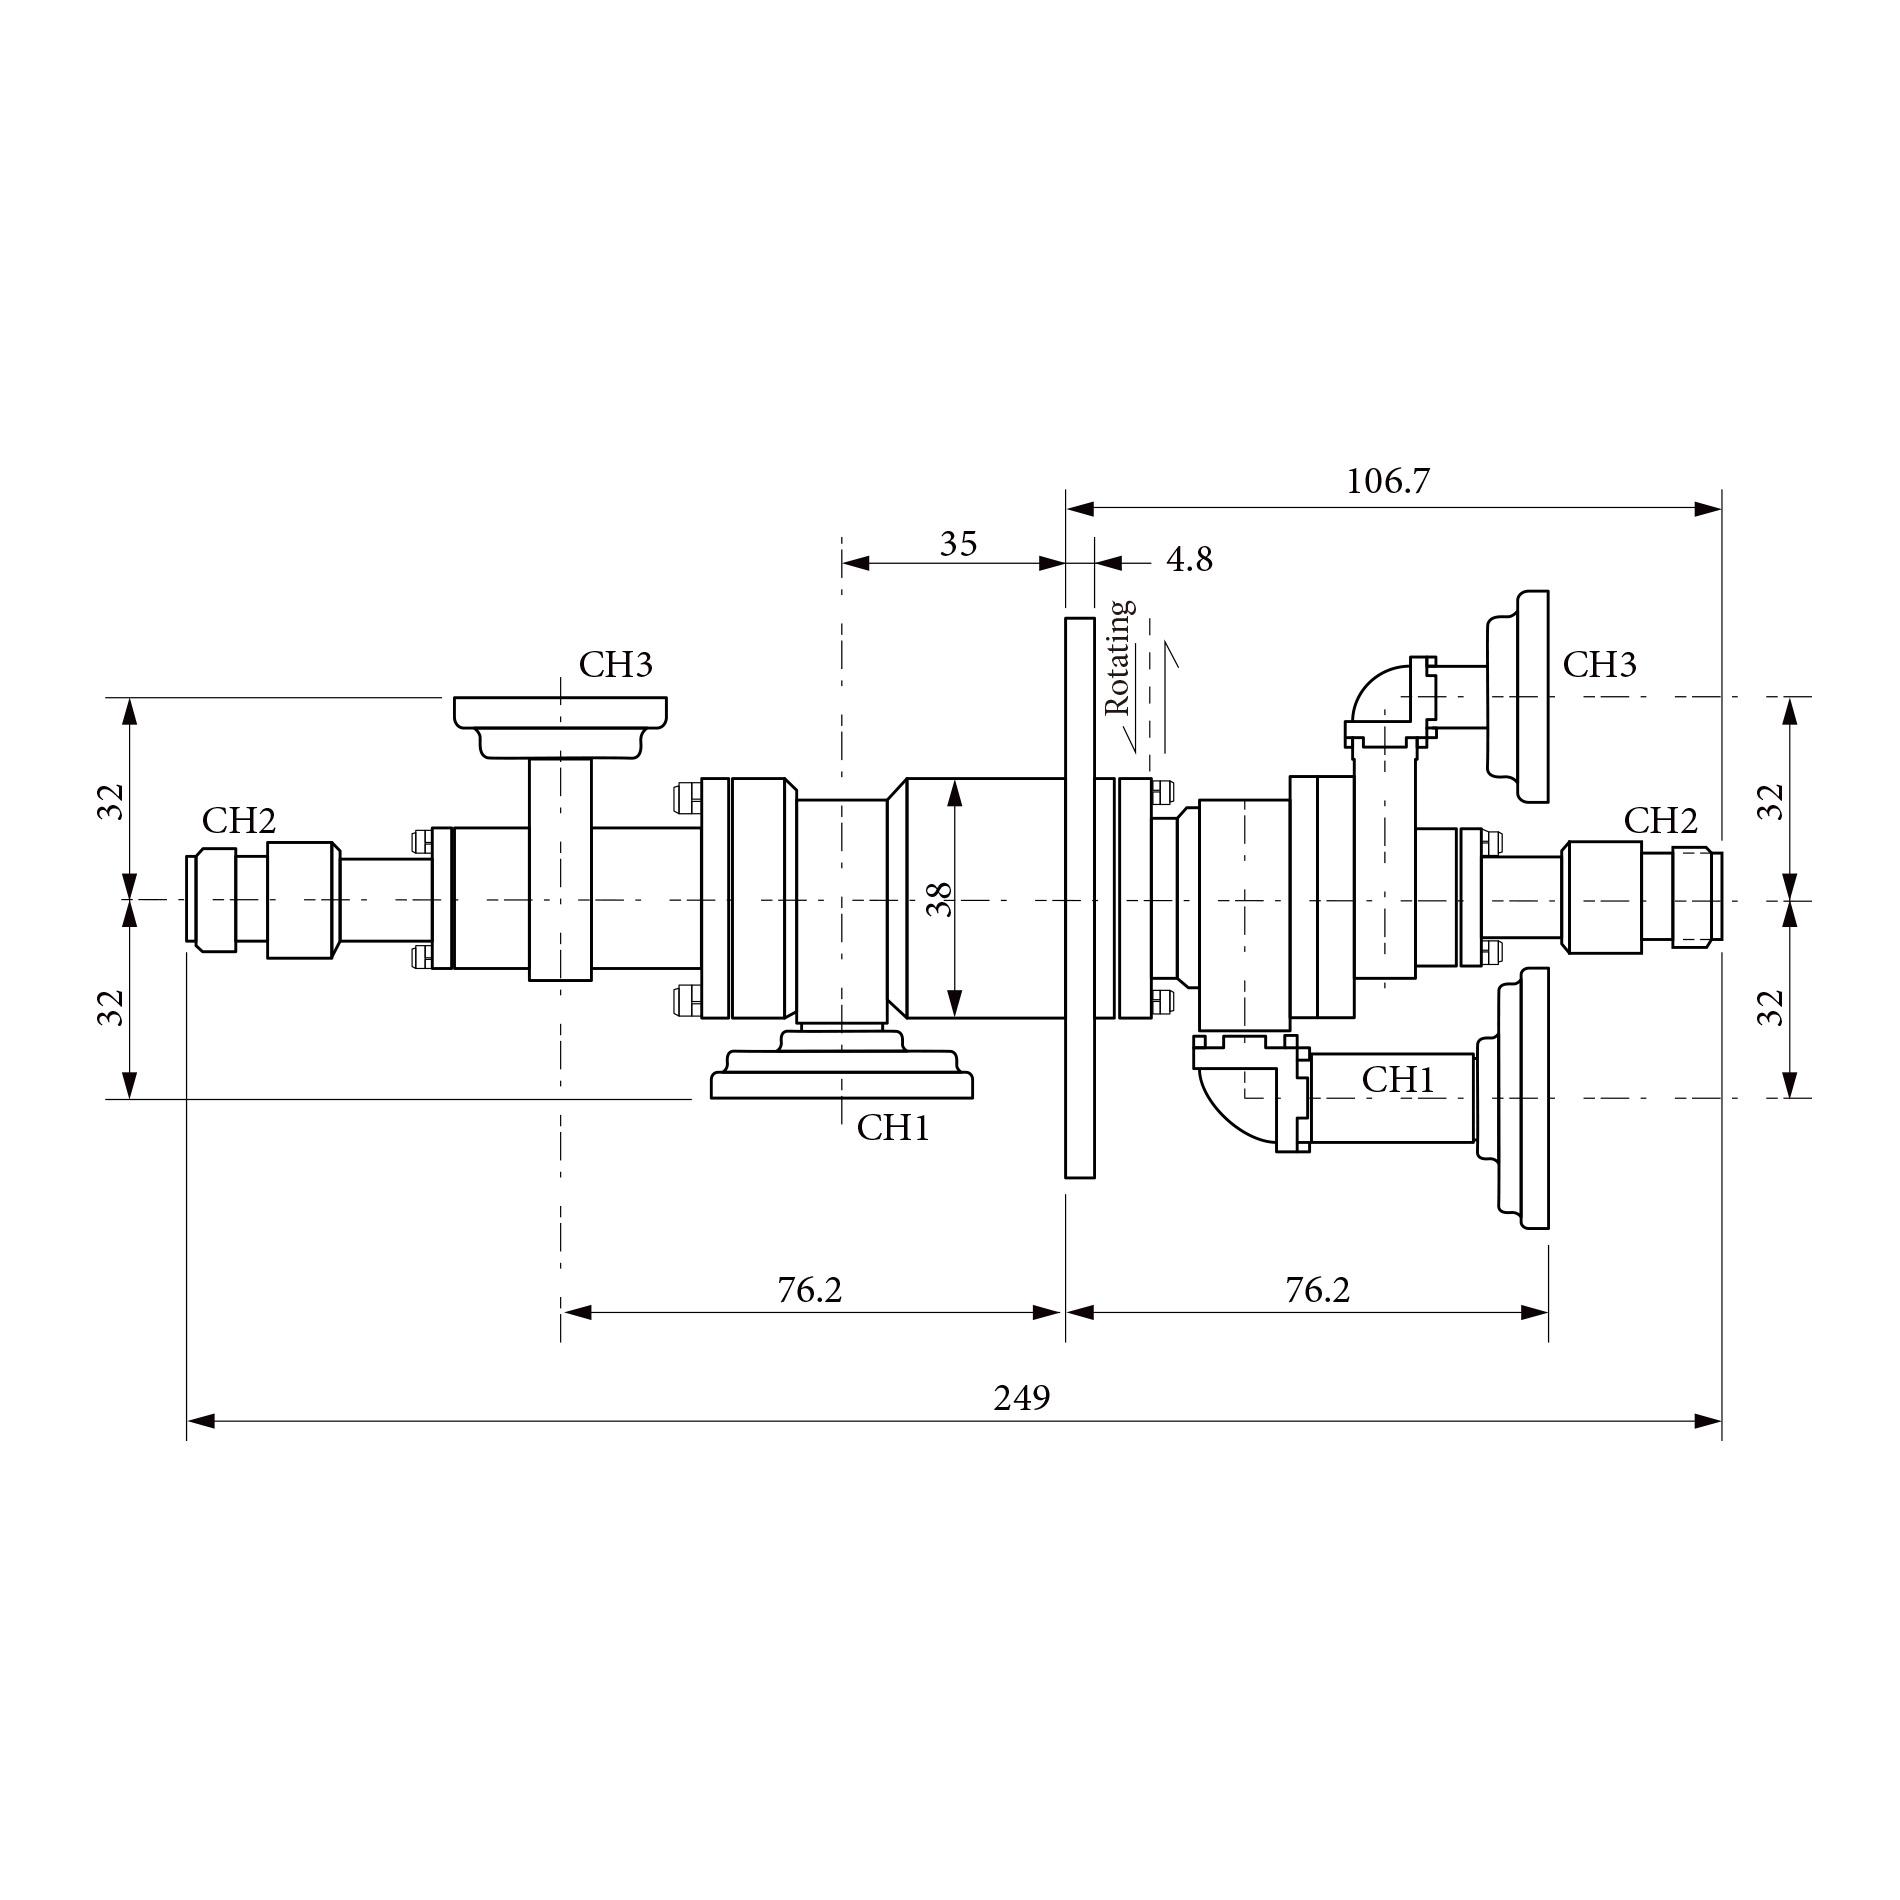 三路旋转关节RJ153188 1CH  2CH 为8.5-10.5 GHz  3CH为16.0-17.0 GHz